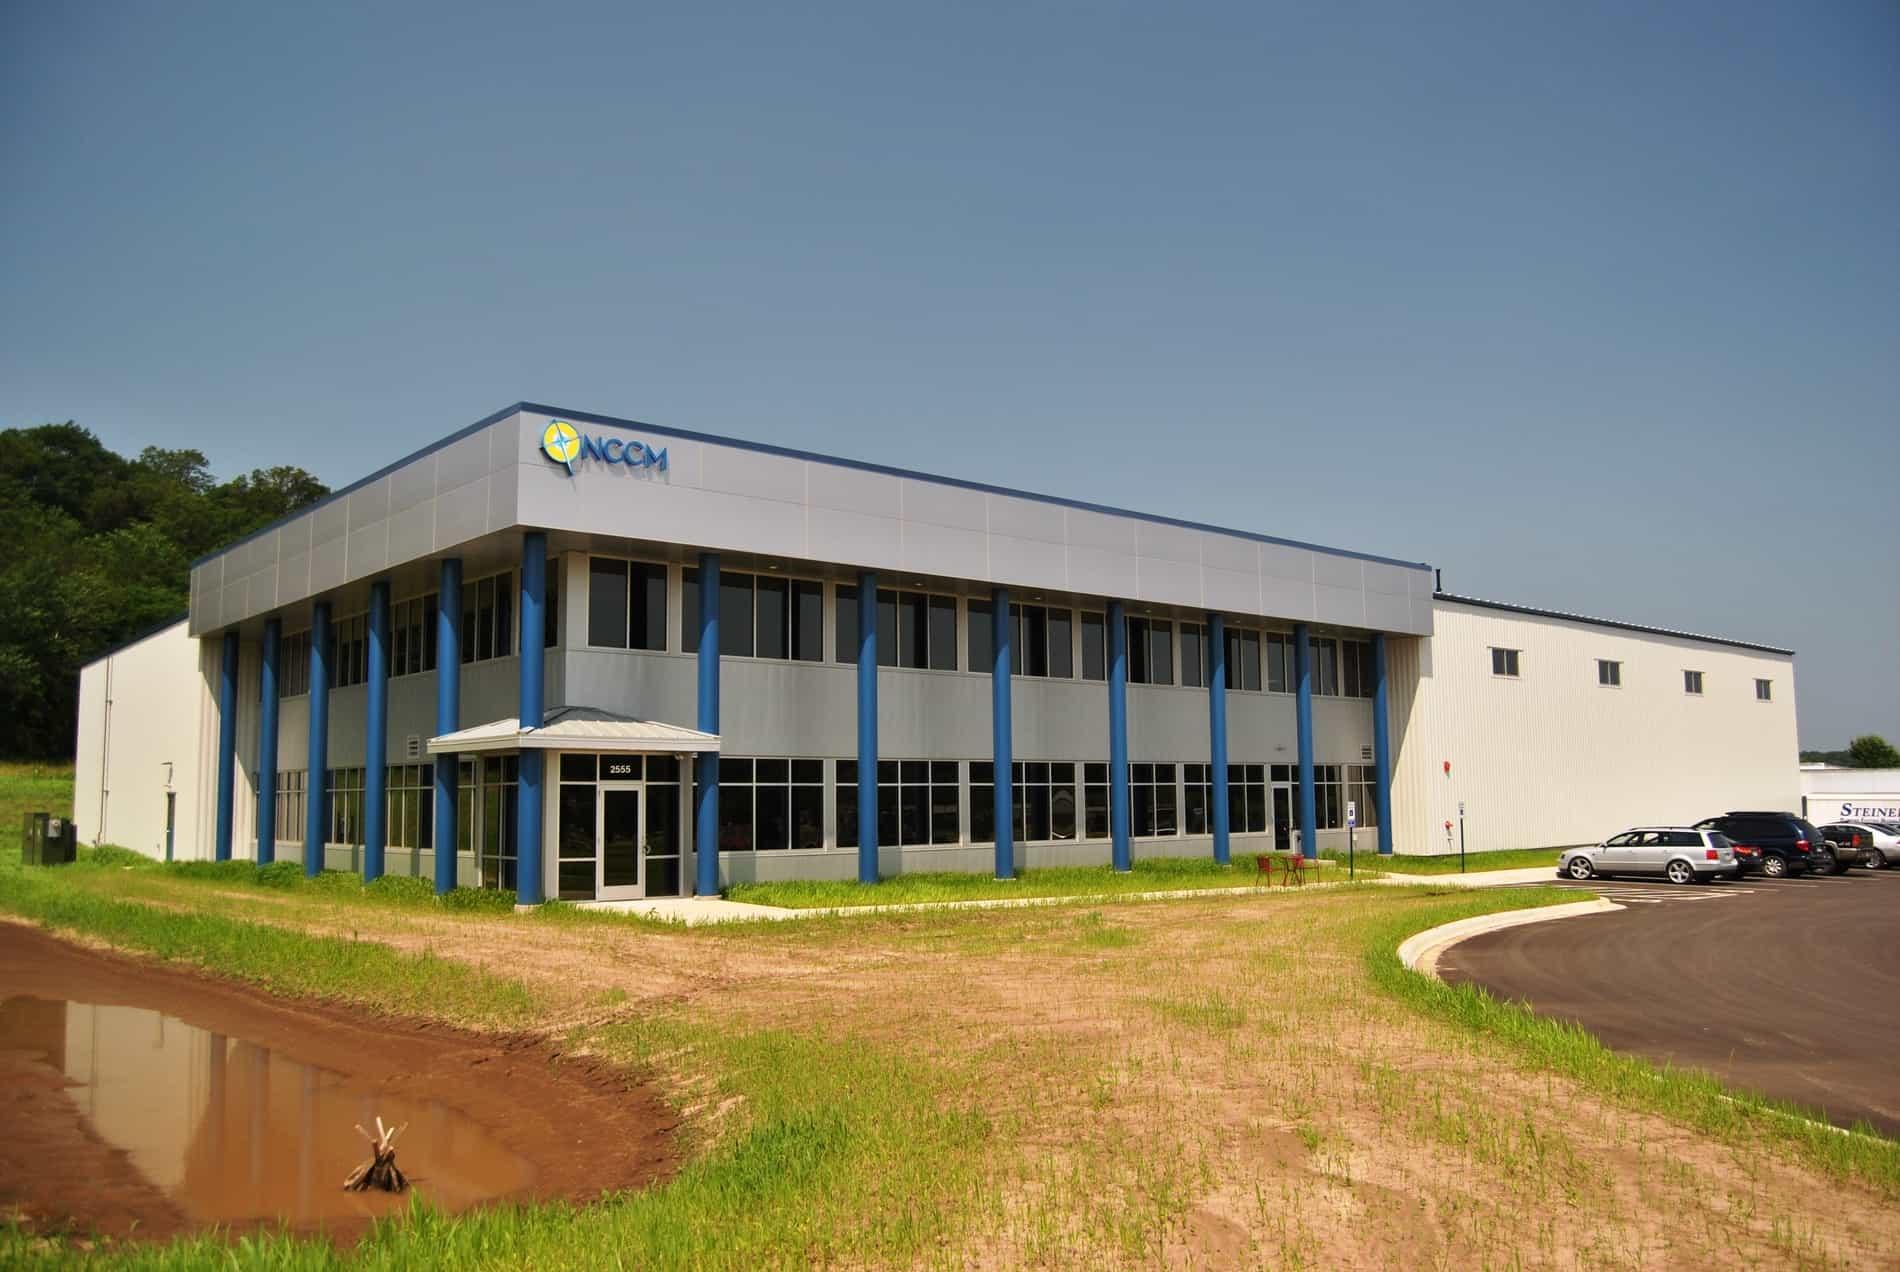 NCCM Exterior